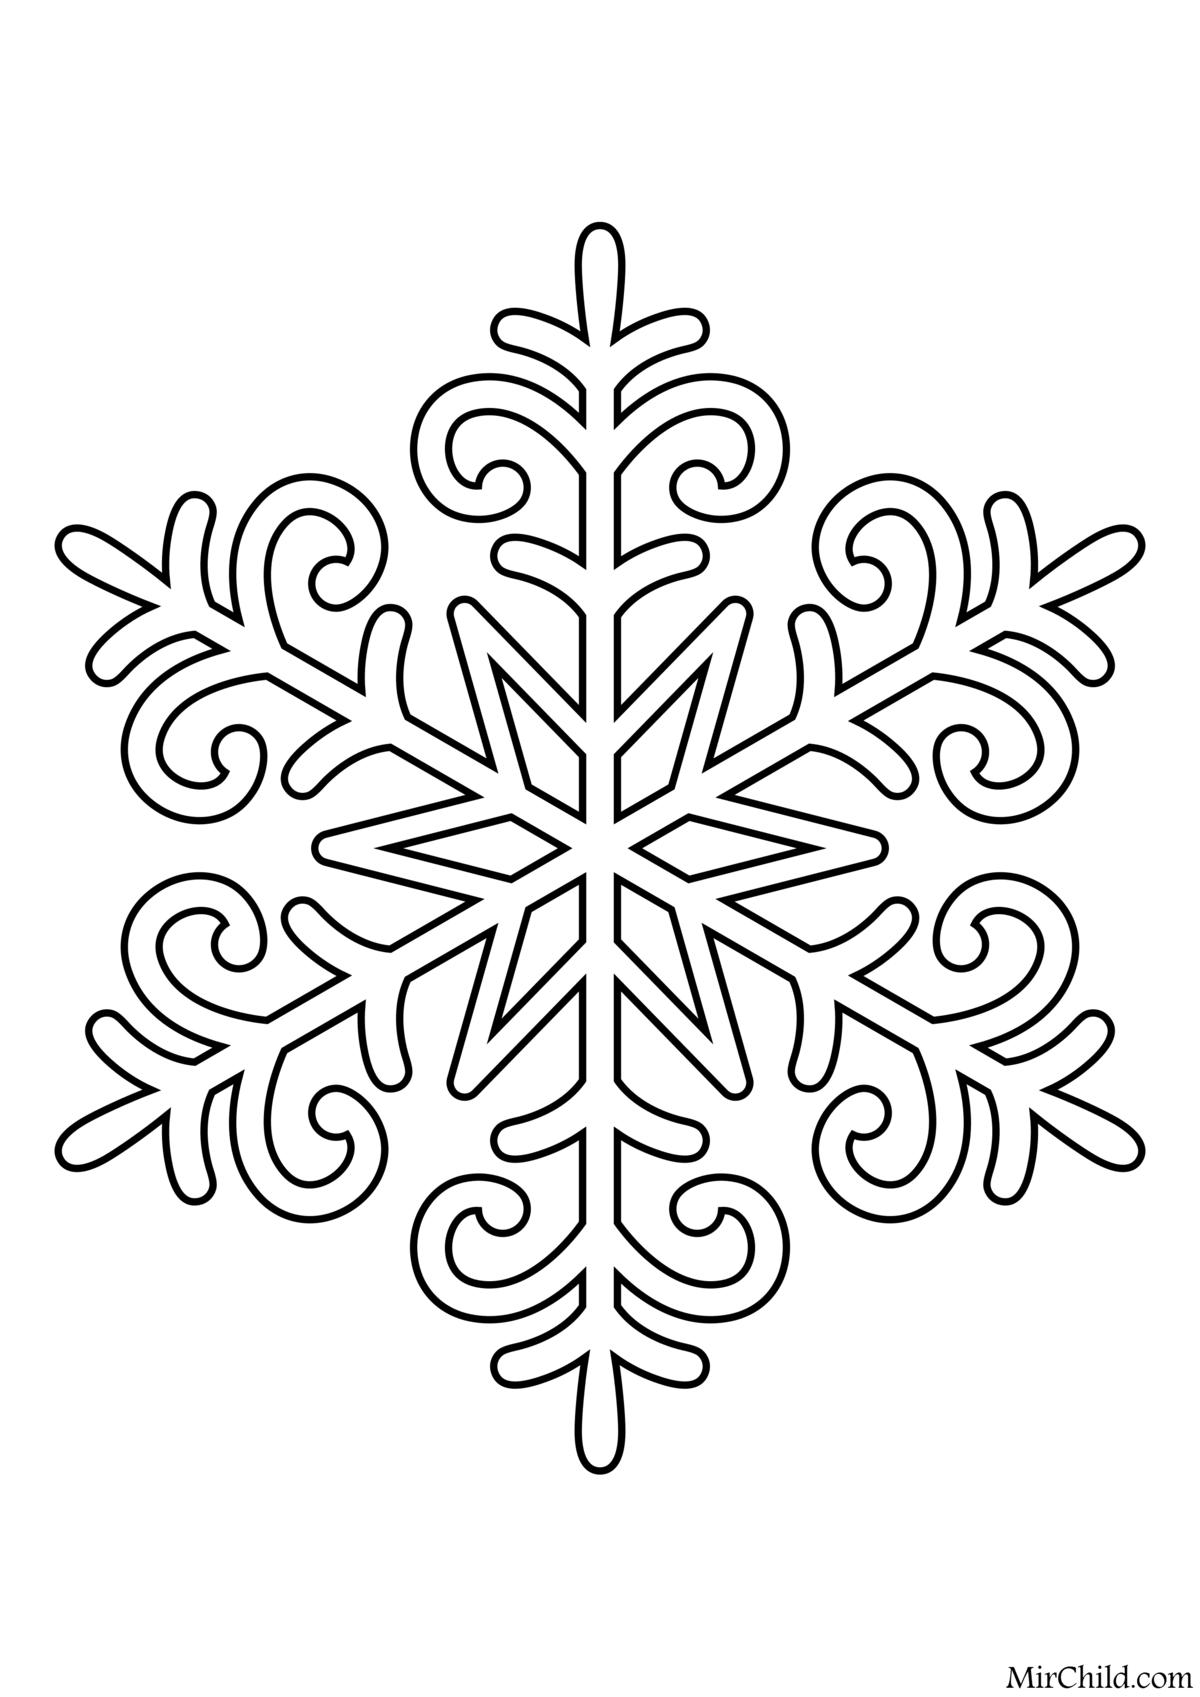 картинка трафарет снежинки